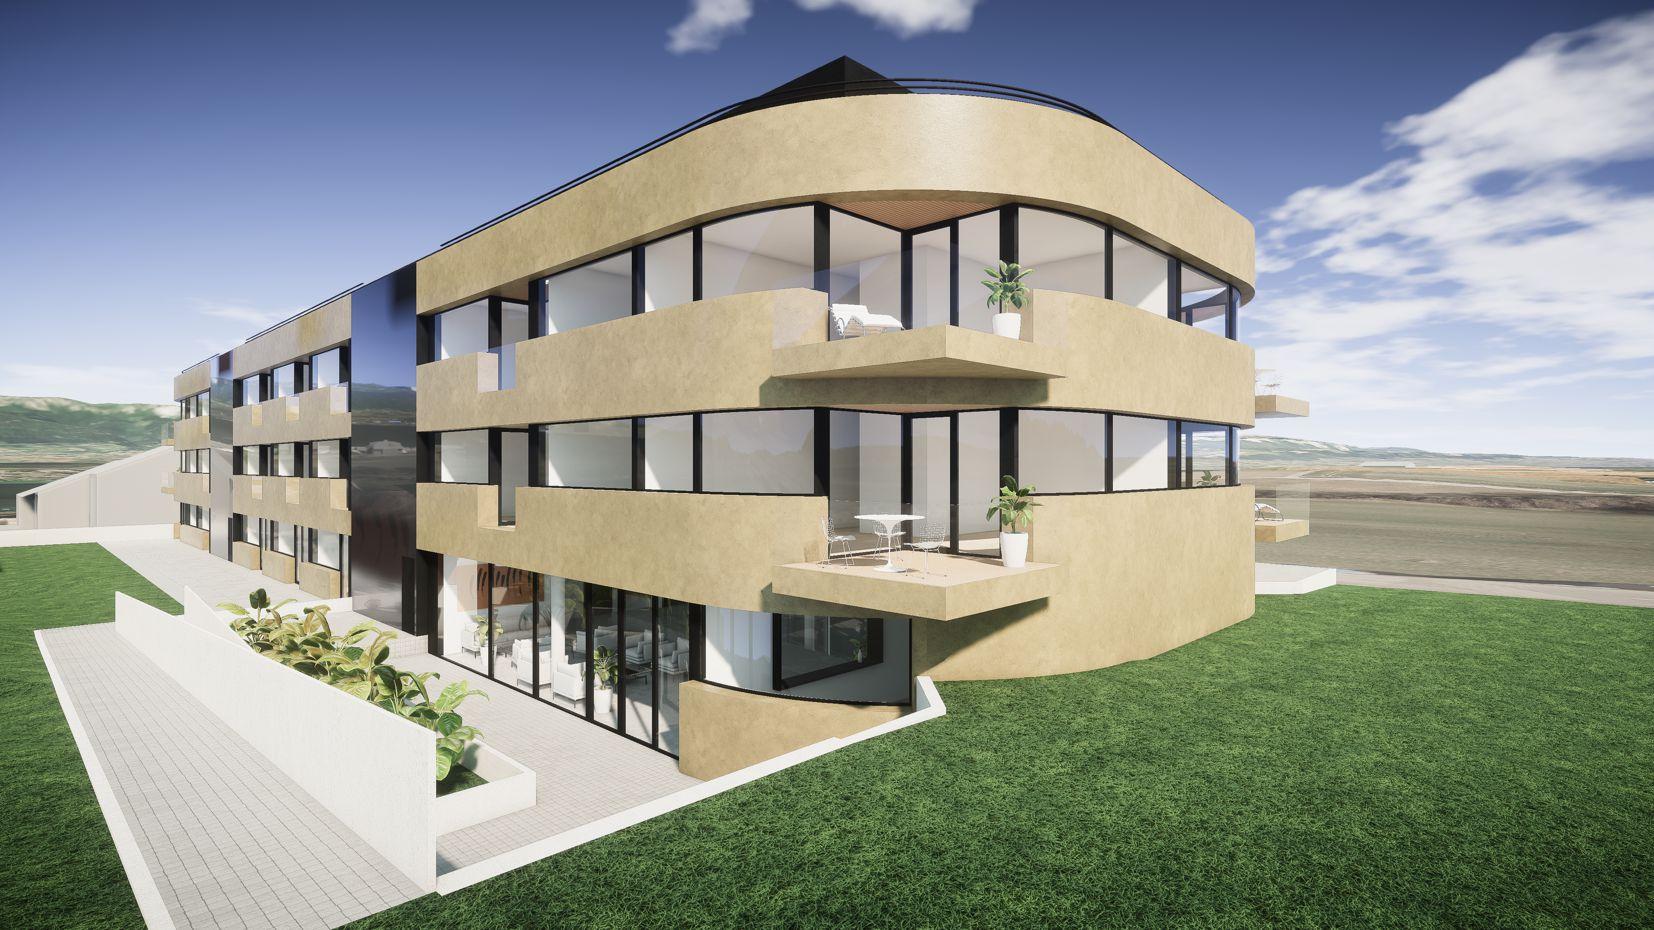 Design et architecture by Luc Simon : extérieurs et immobiliers,intérieur et mobilier, aéroport et avion - Luc Simon